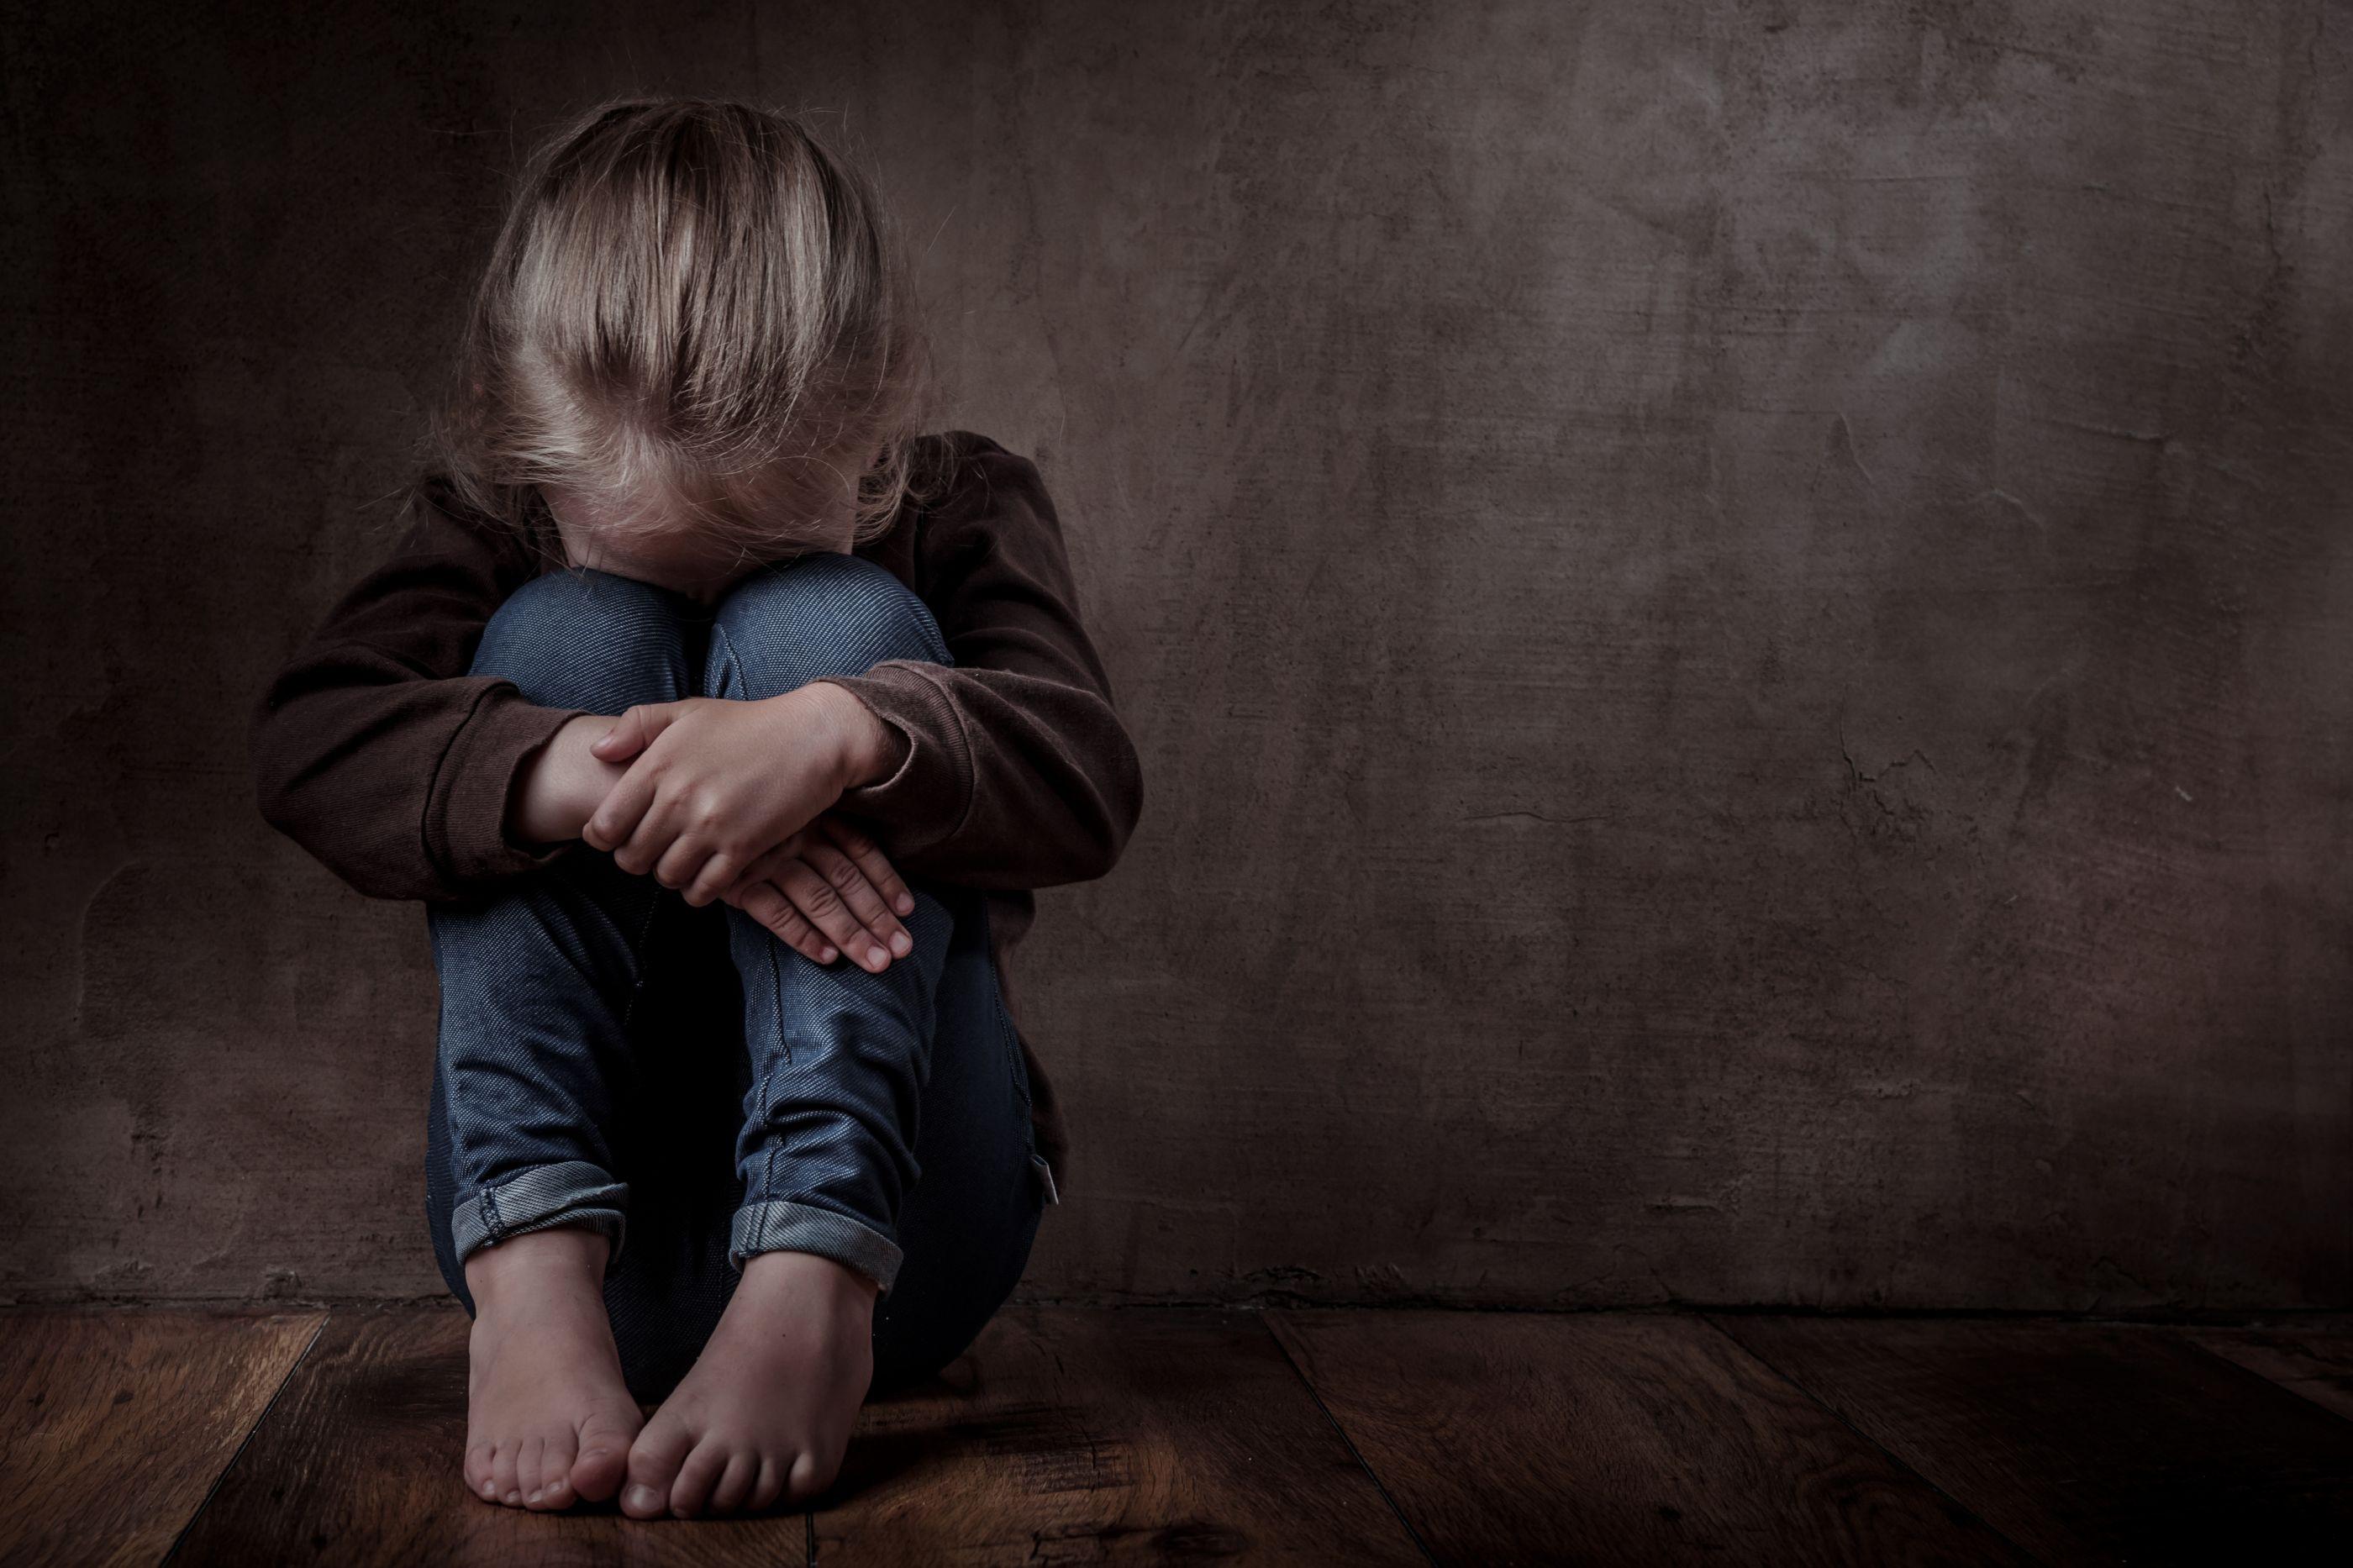 Os miúdos não estão bem. Doenças mentais nas crianças estão a crescer...